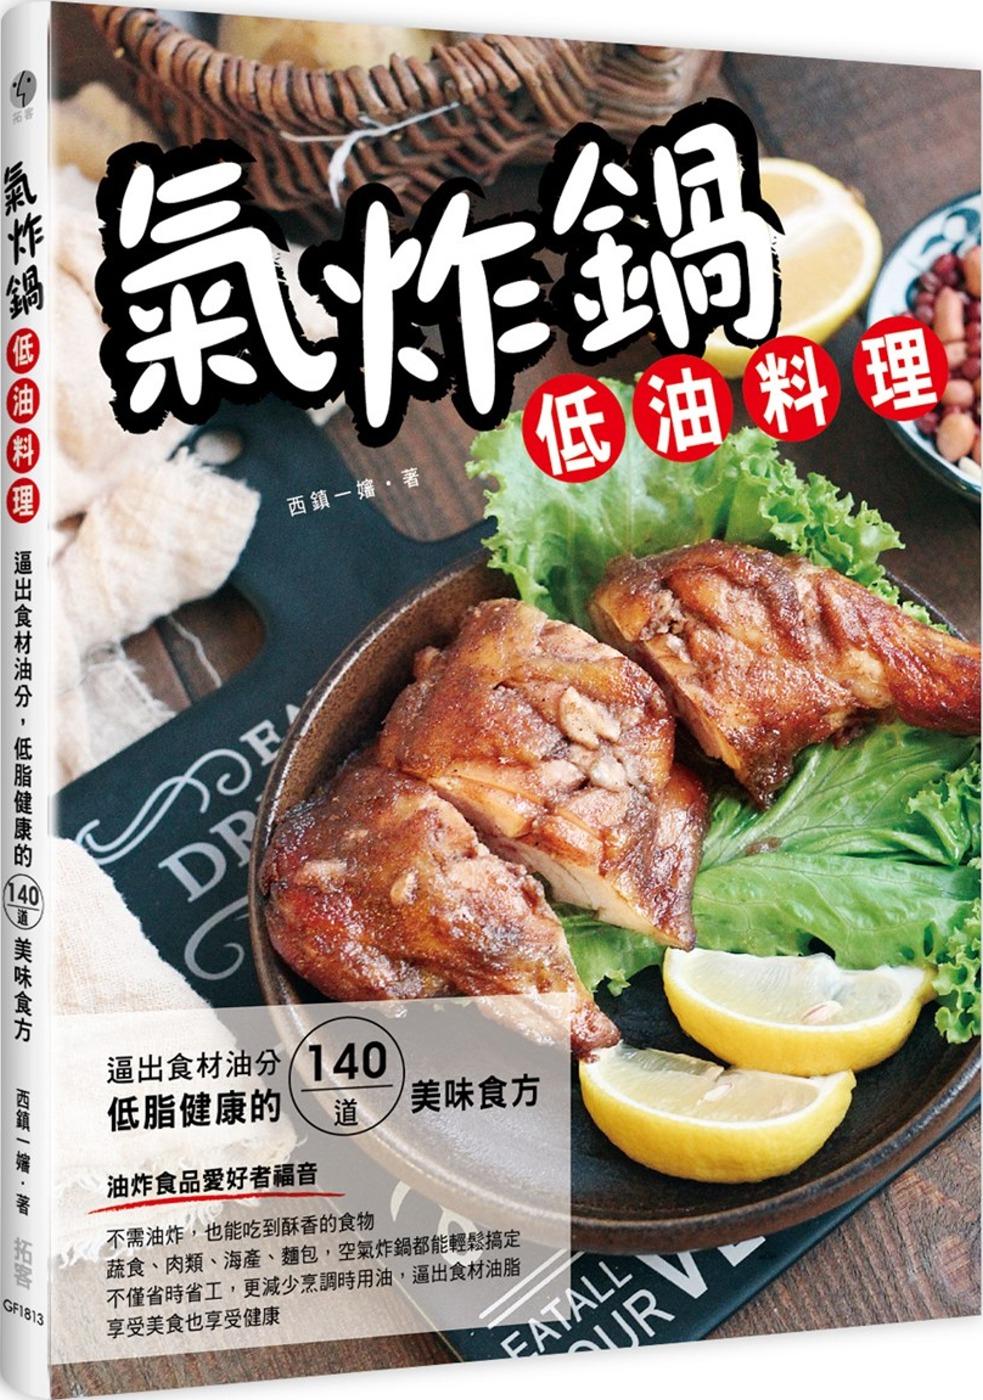 氣炸鍋低油料理:逼出食材油分,低脂健康的140道美味食方